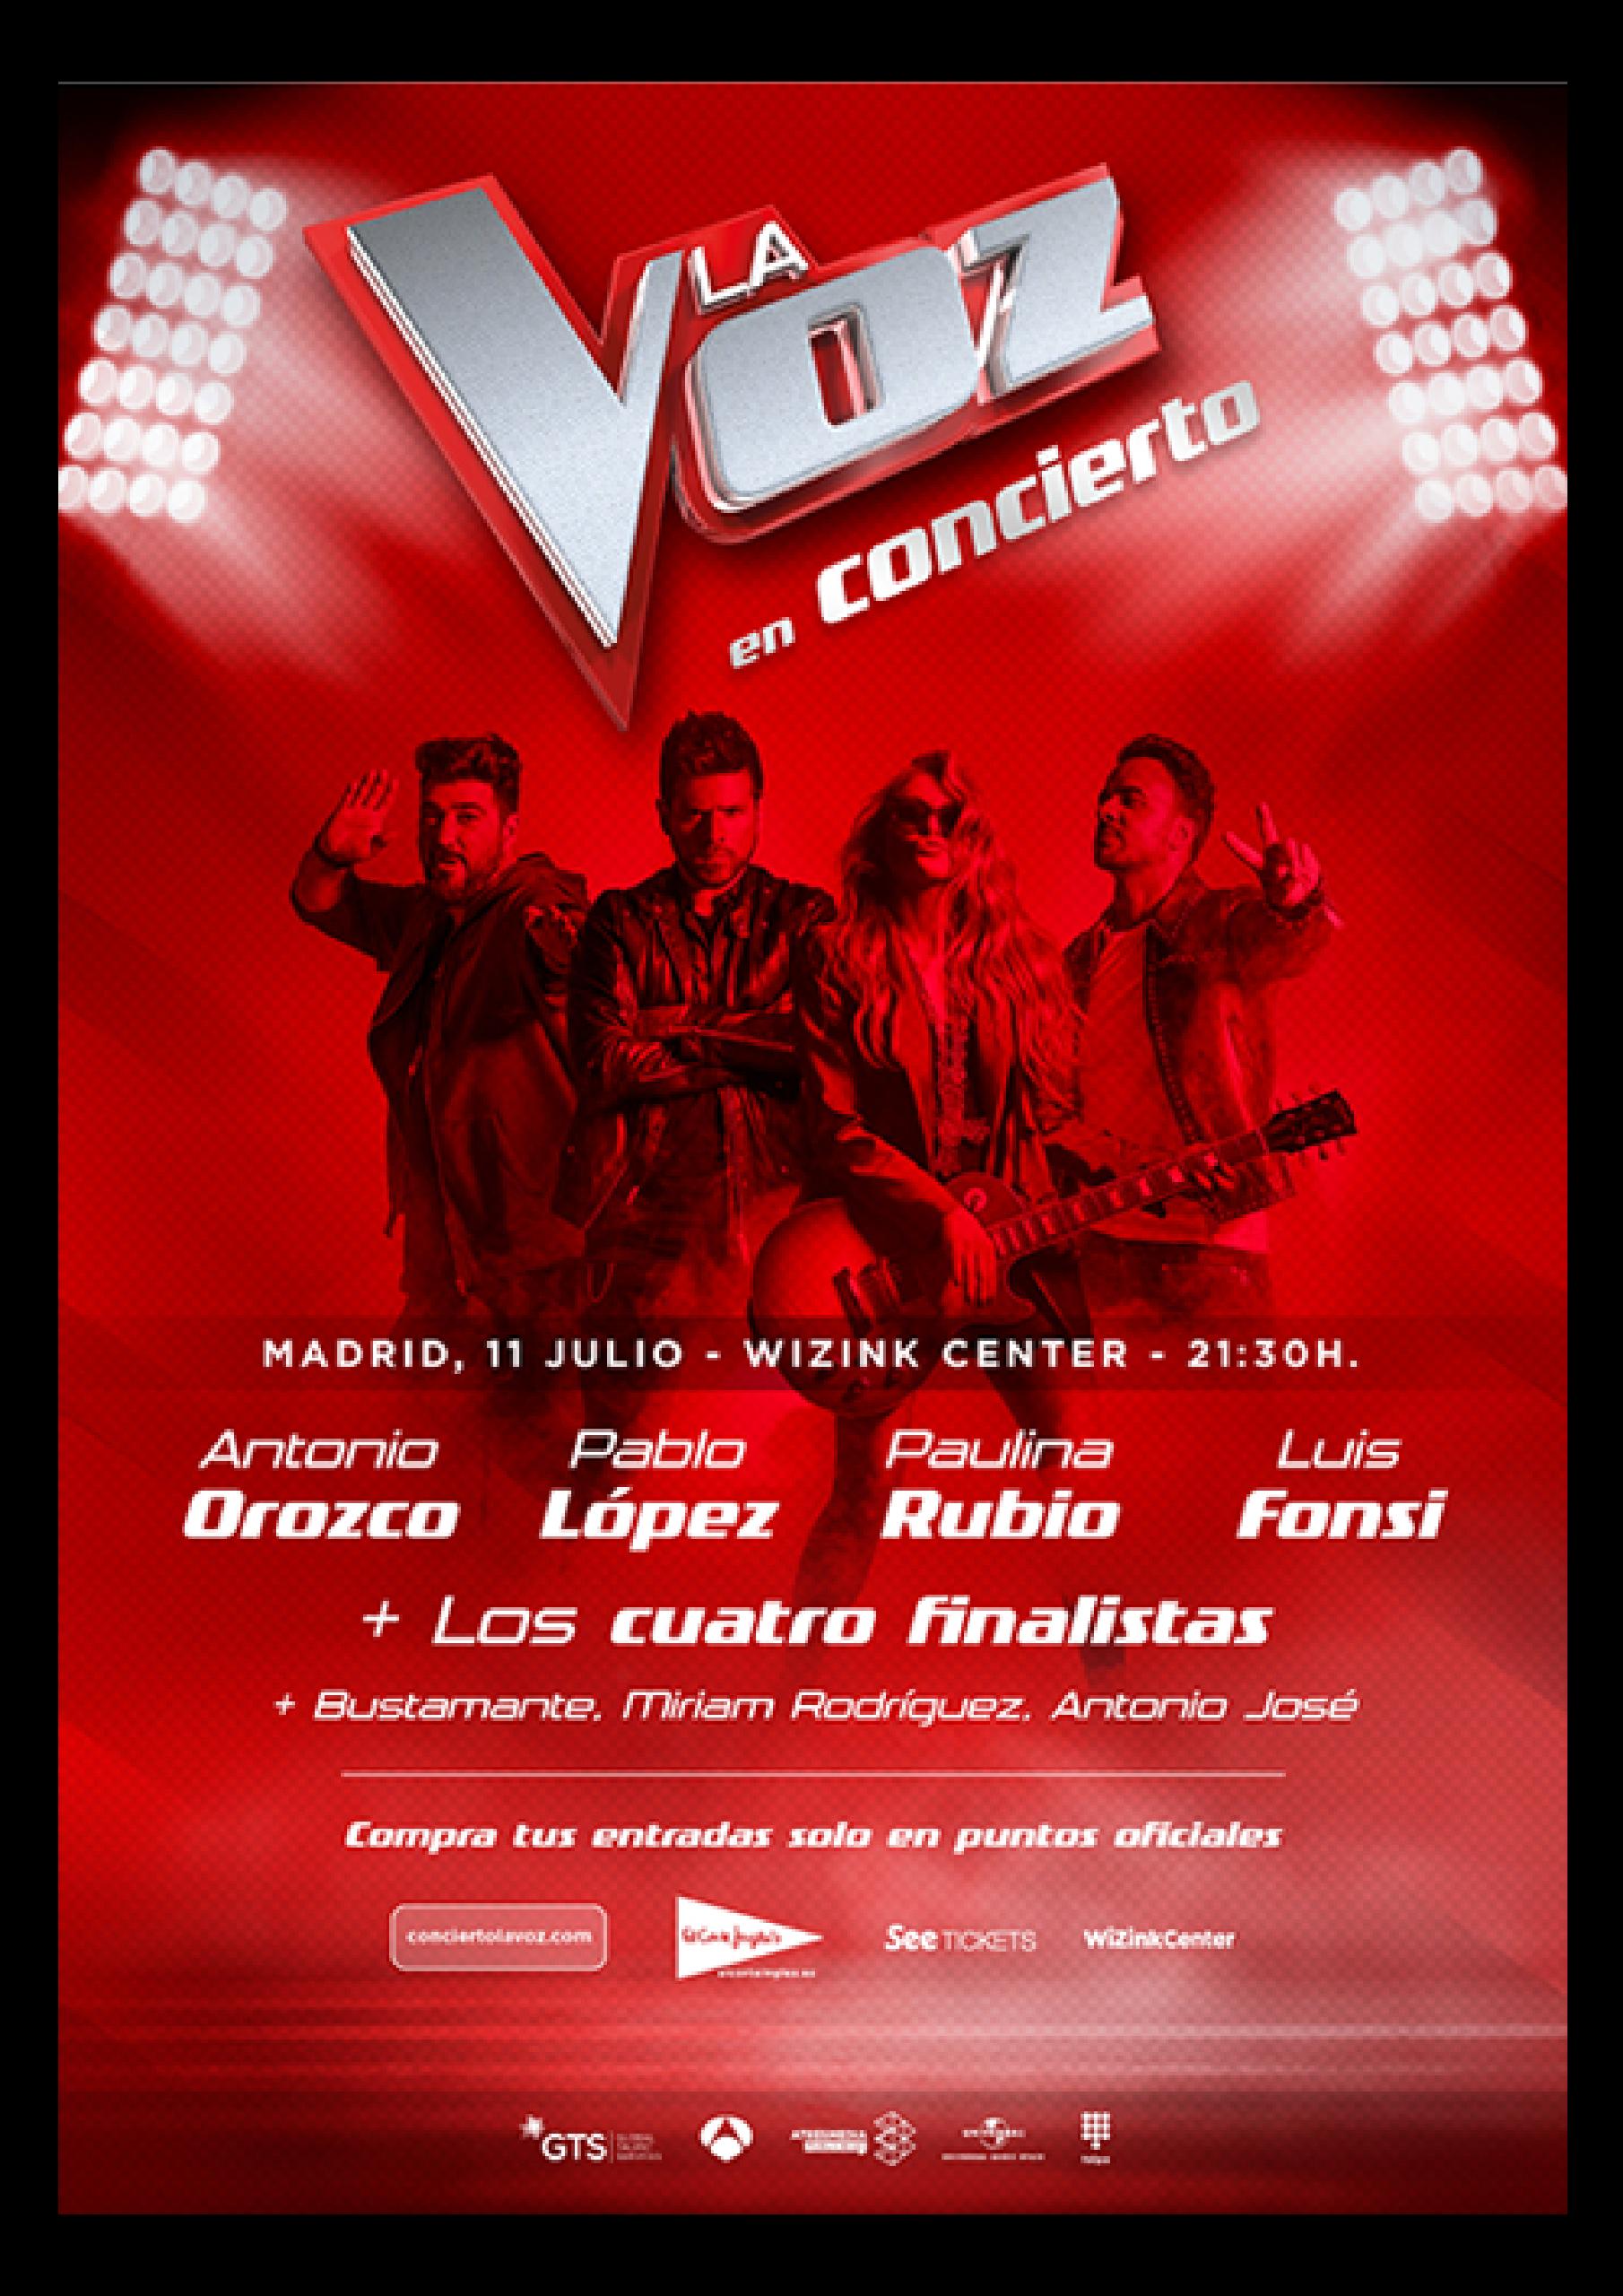 la-voz-en-concierto-en-madrid-1553167200.-1x2560